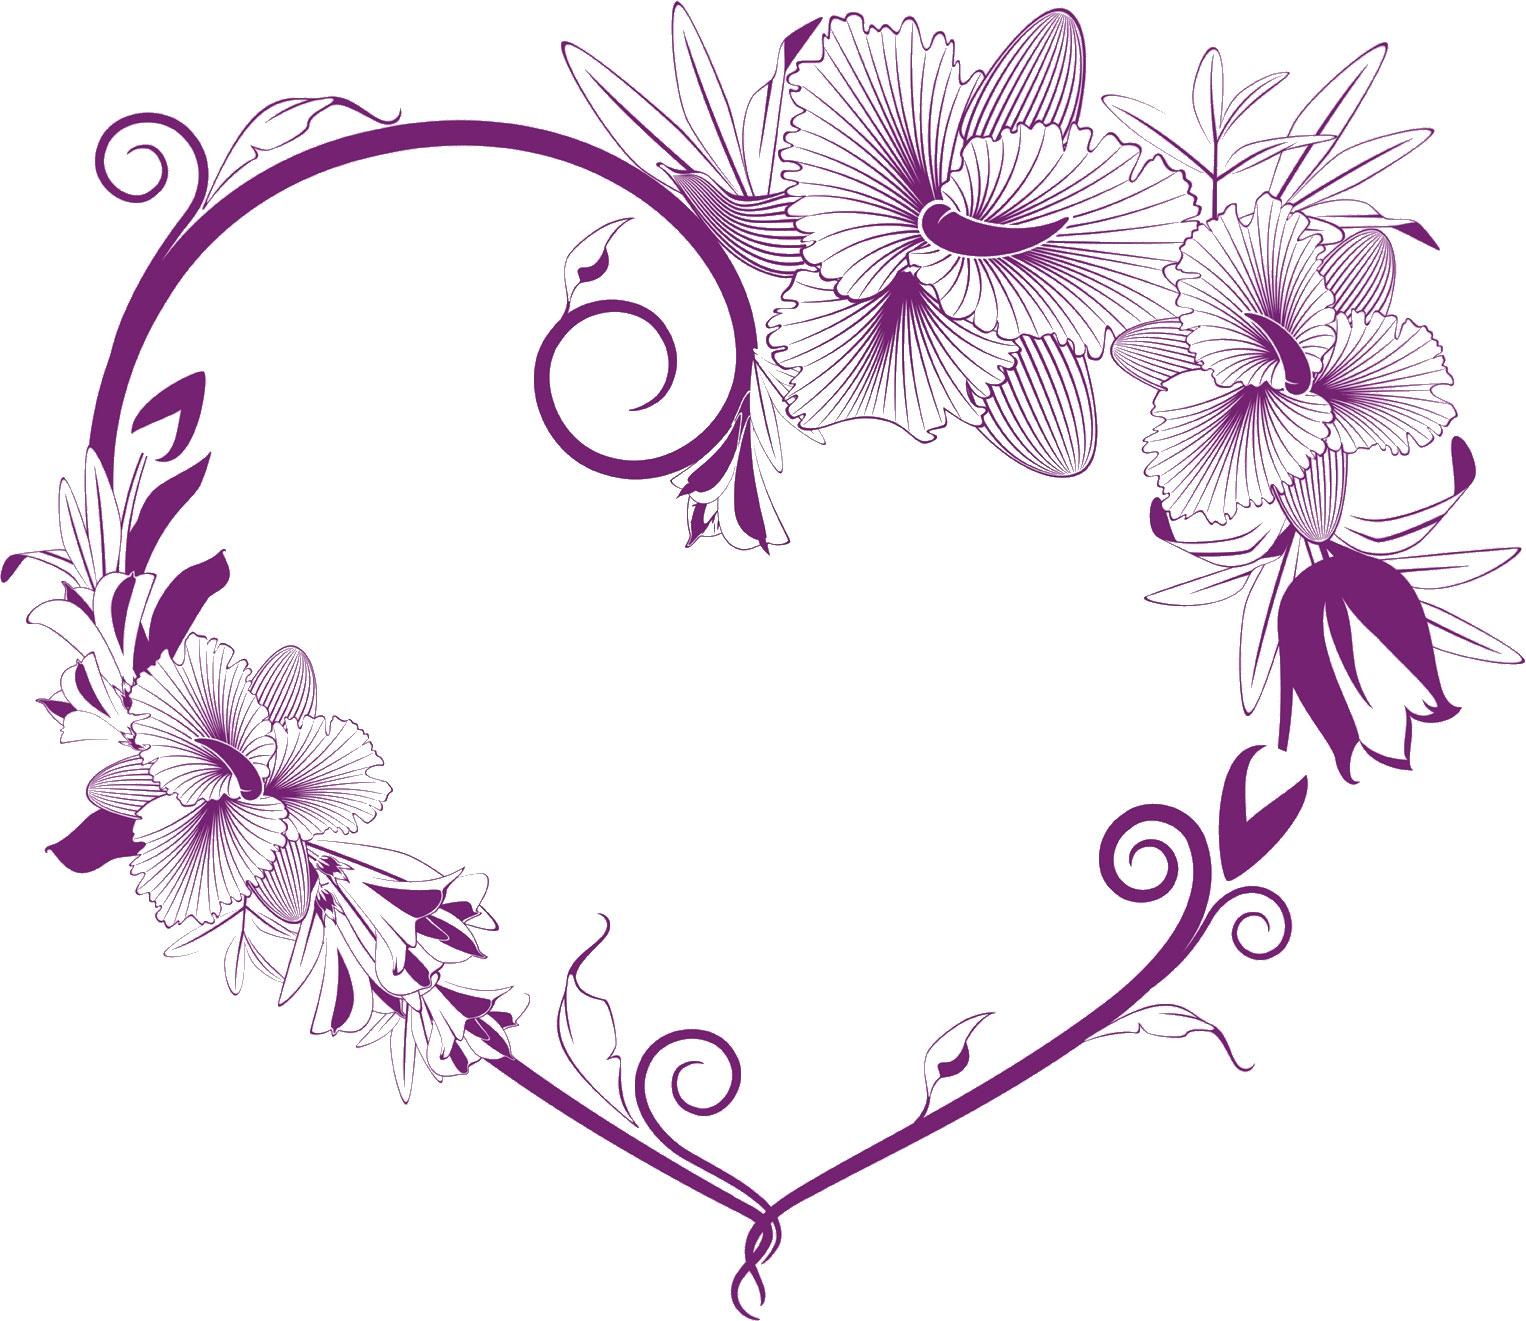 花のイラスト・フリー素材/フレーム枠no.222『紫・縦縞・ハート型』